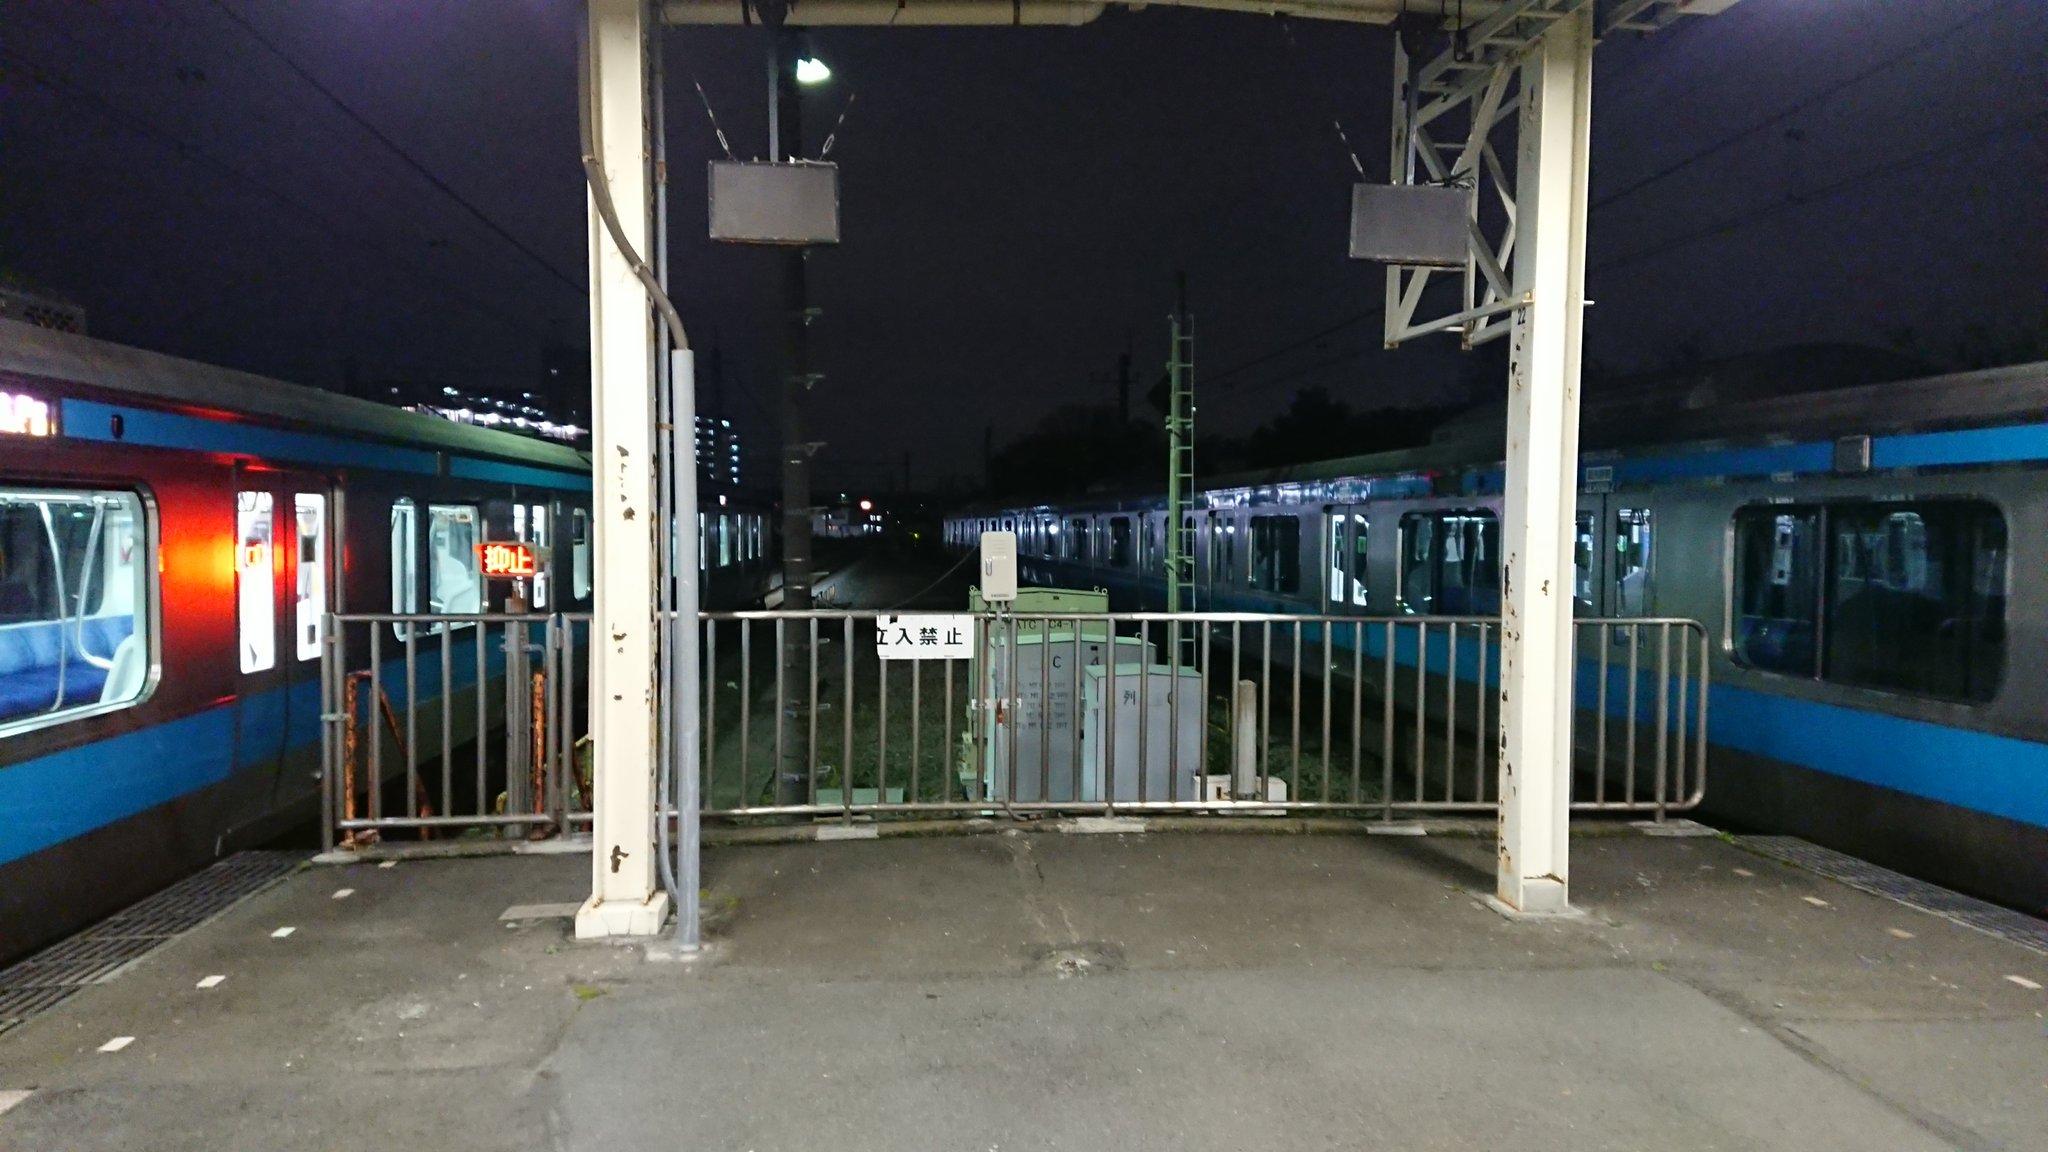 本郷台駅の人身事故で電車が緊急停止している画像